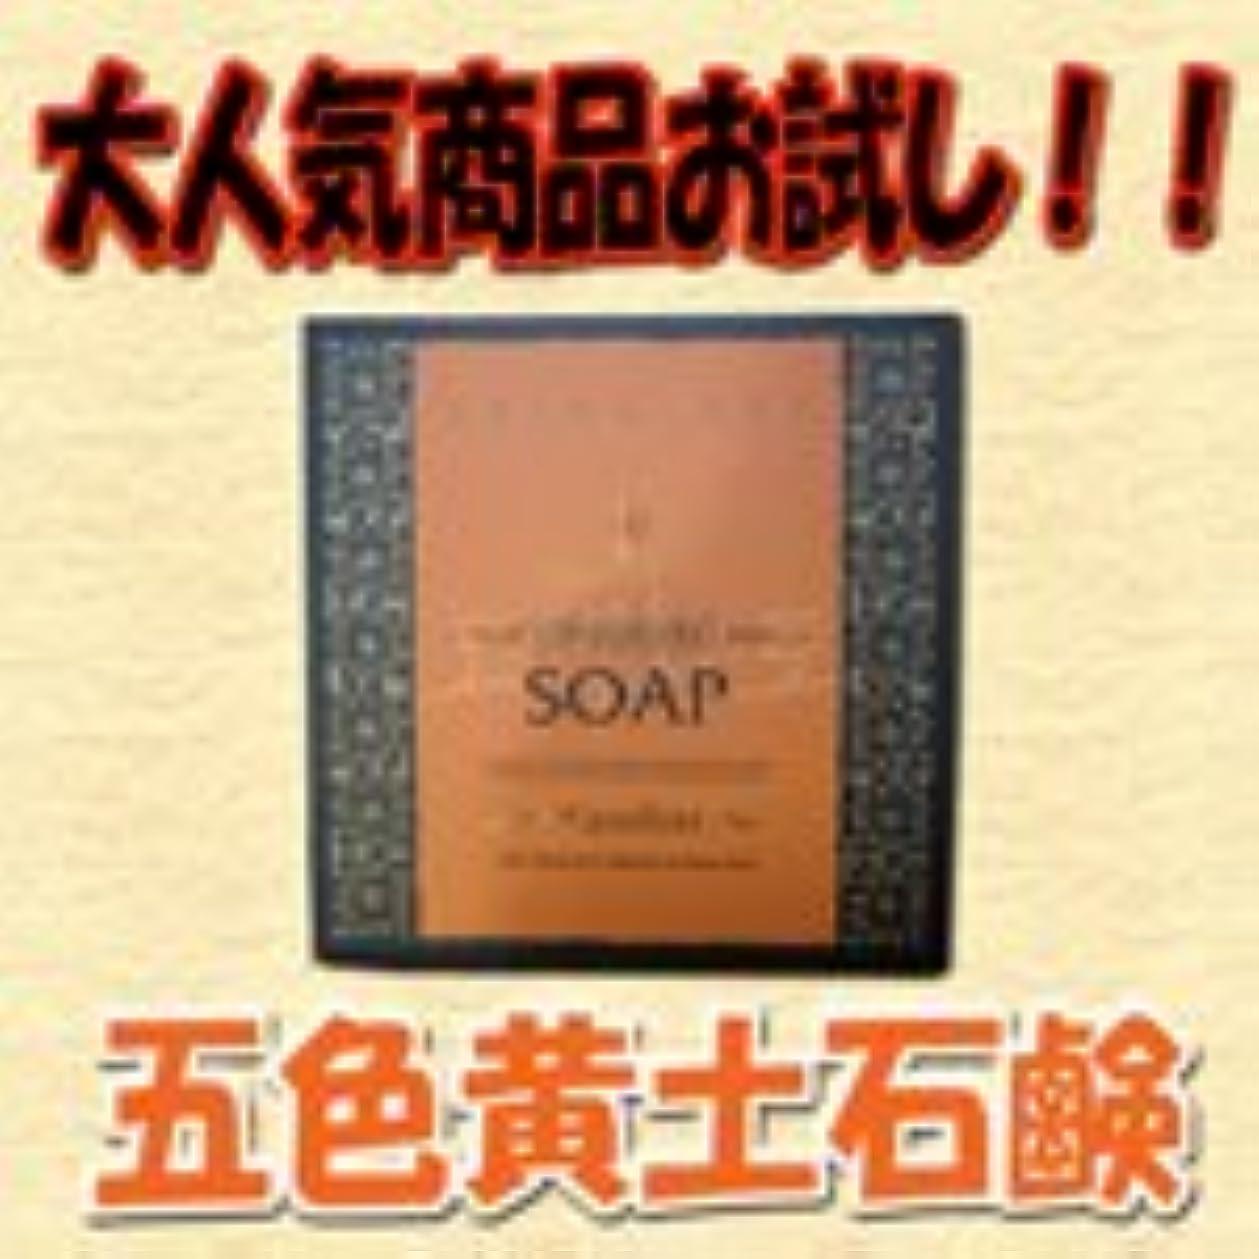 忘れられないミケランジェロラフト五色黄土石鹸 トライアルセット 20g 1個入り 【天然ミネラル】